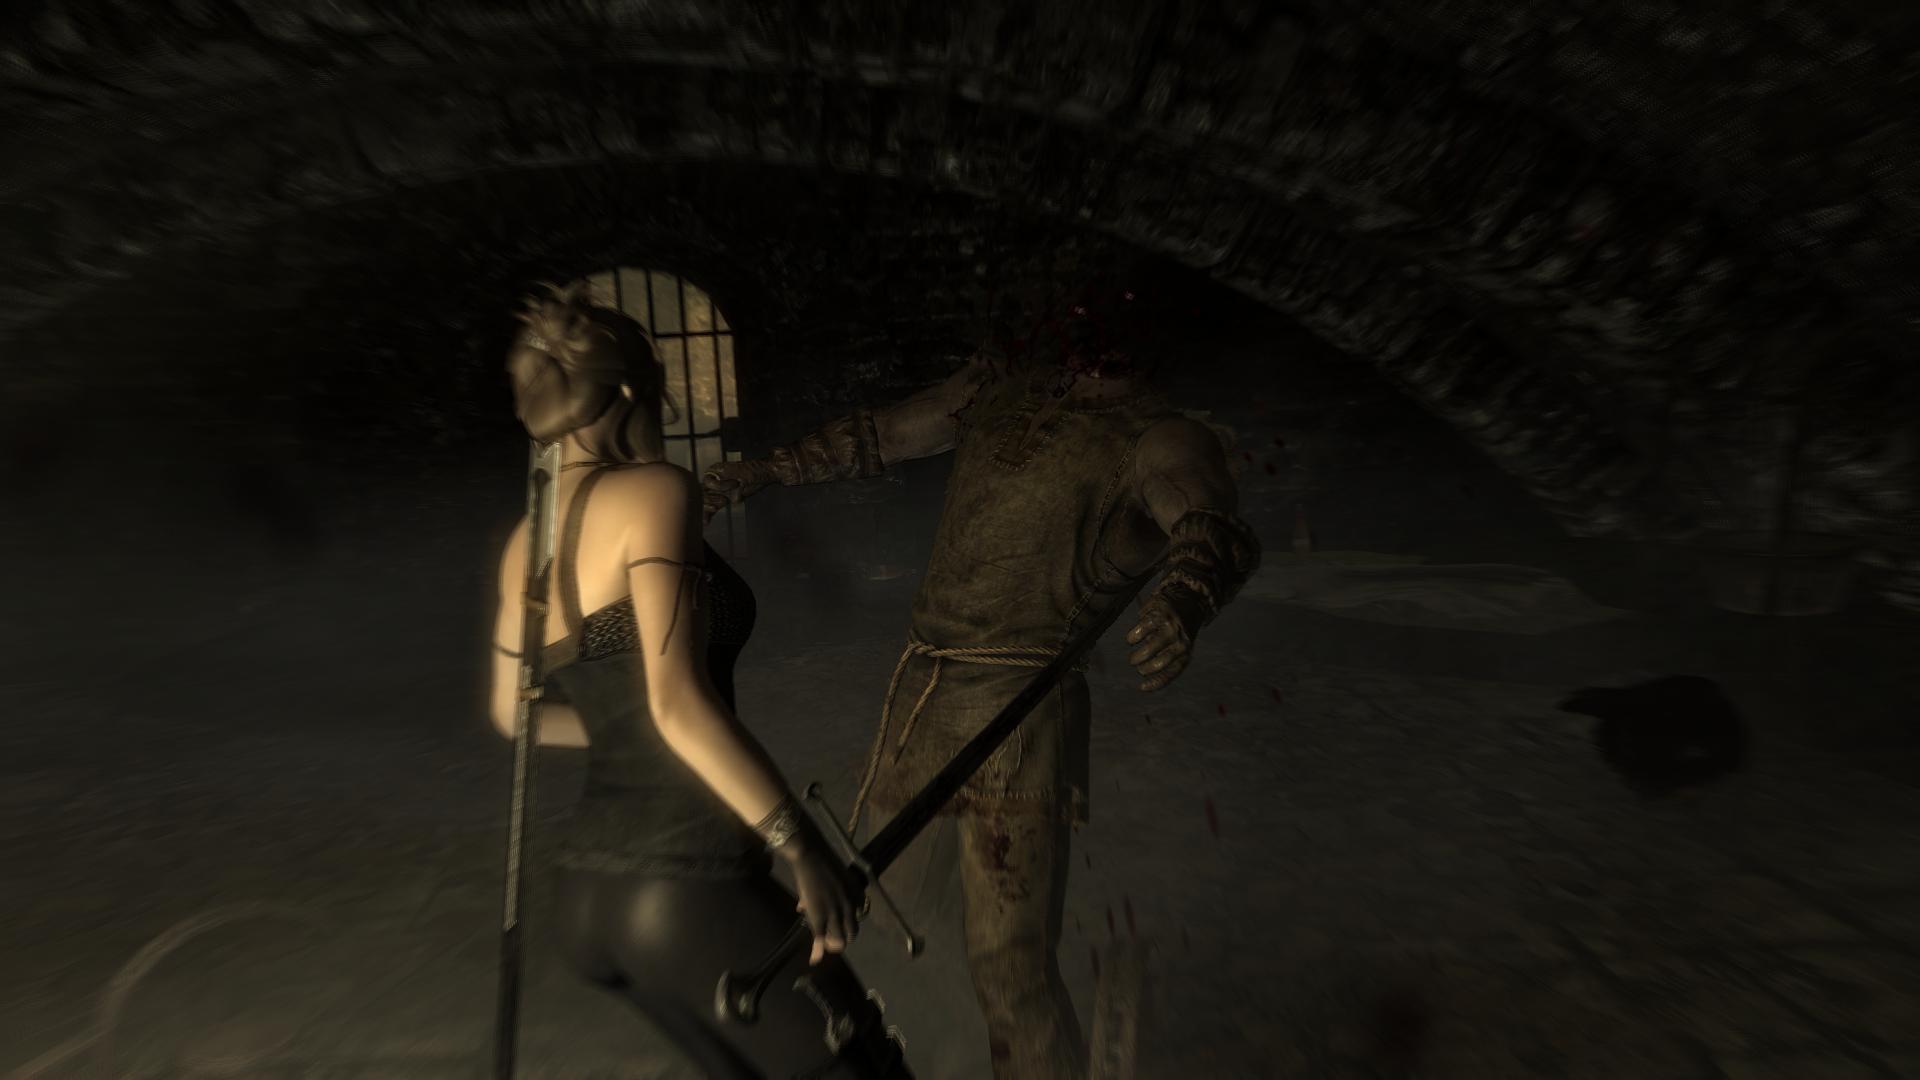 TESV_original 2014-01-19 07-54-26-29.jpg - Elder Scrolls 5: Skyrim, the